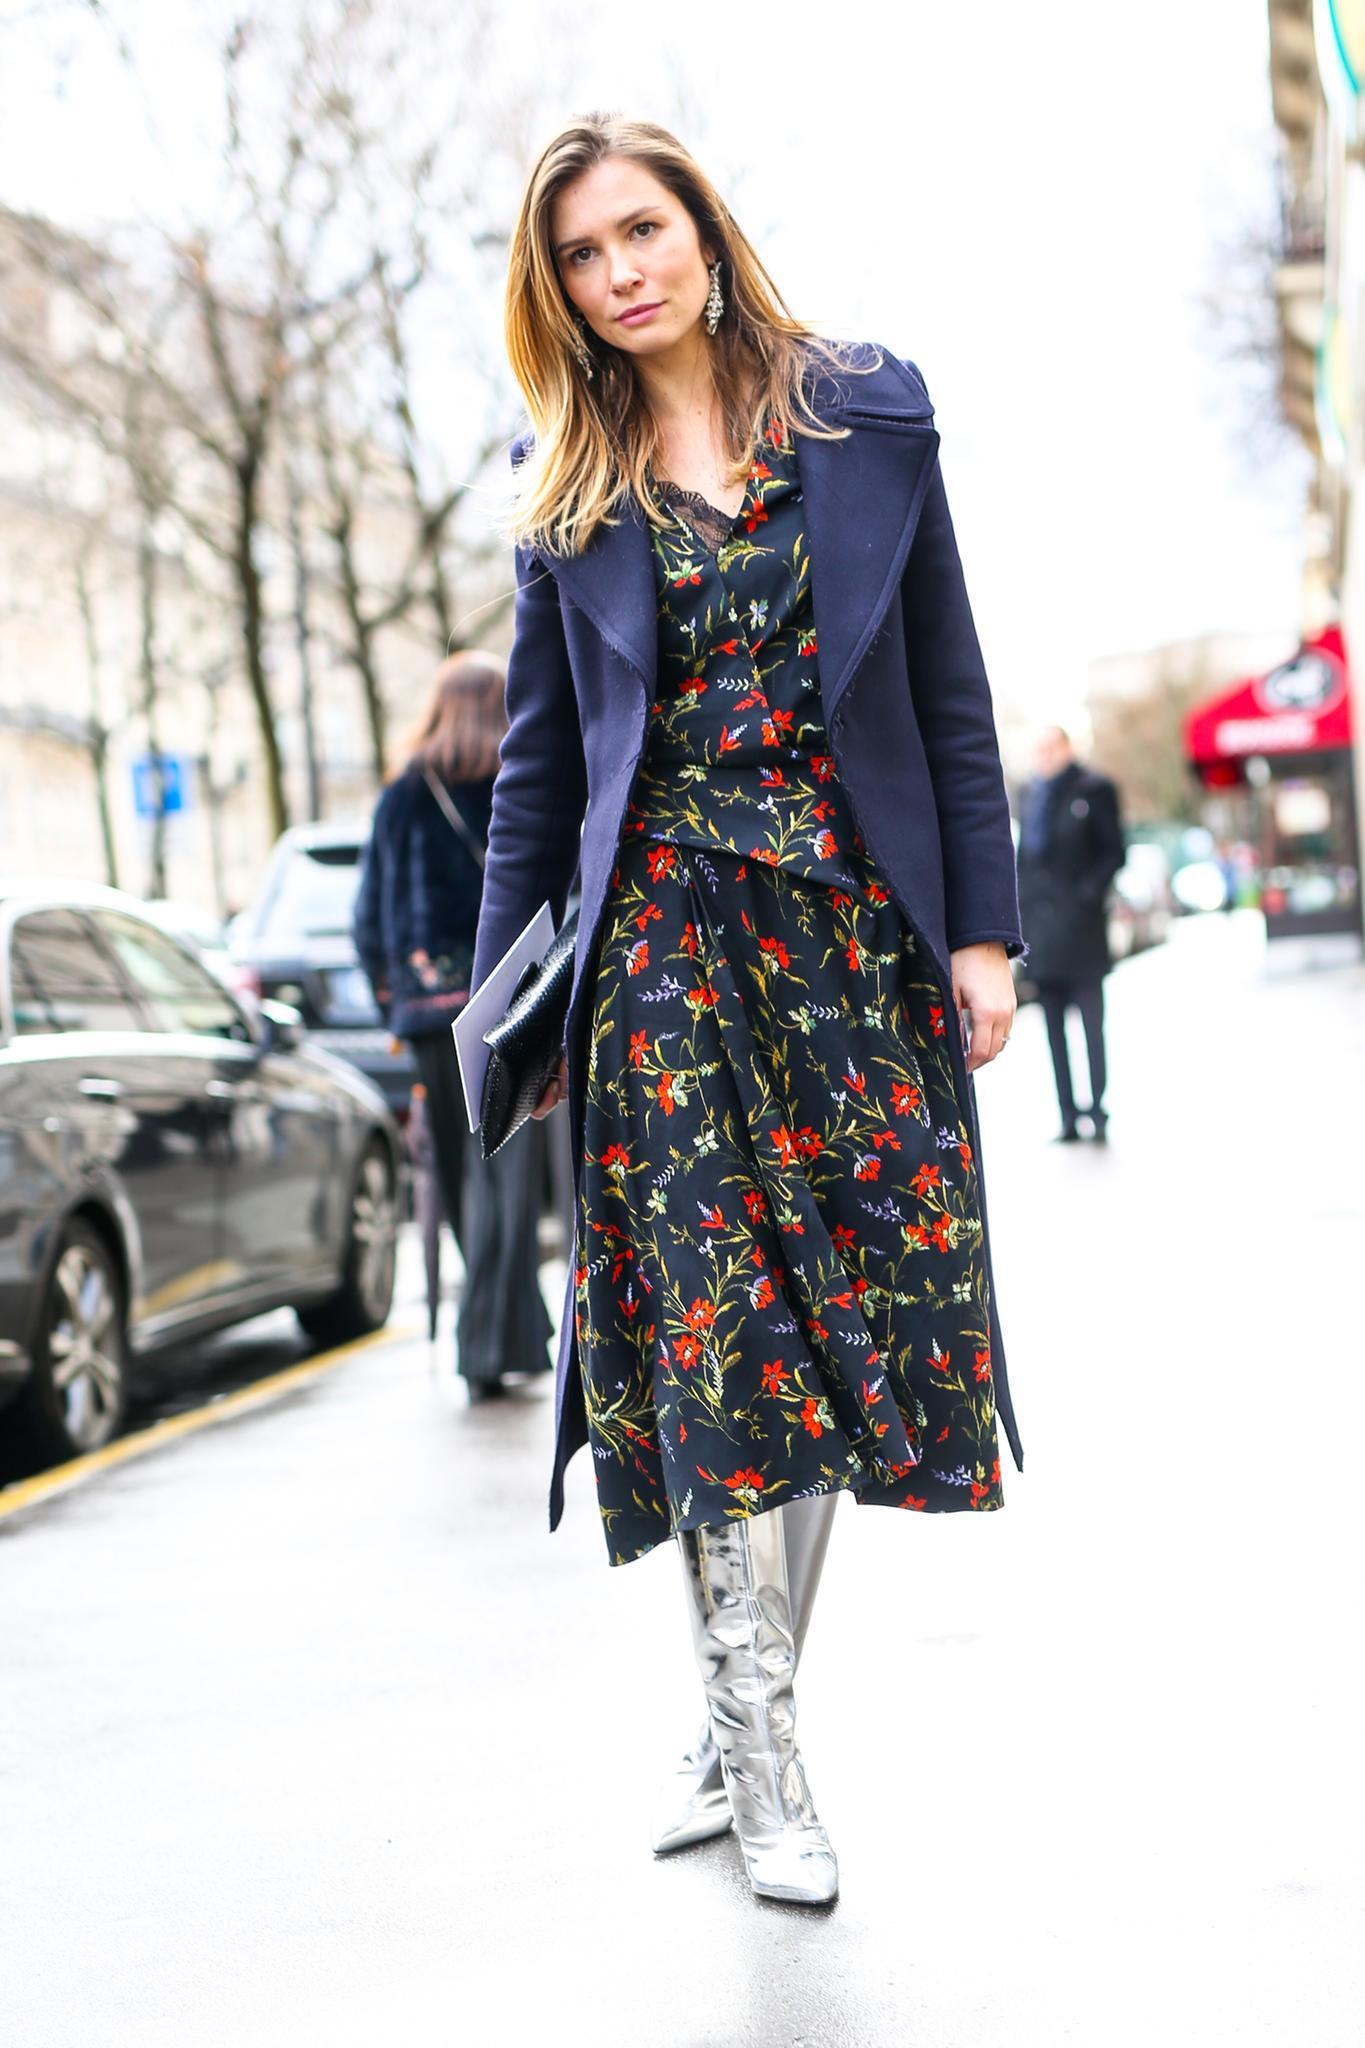 Bloggerin trägt silberne Stiefel zu Blumenkleid und langem Mantel